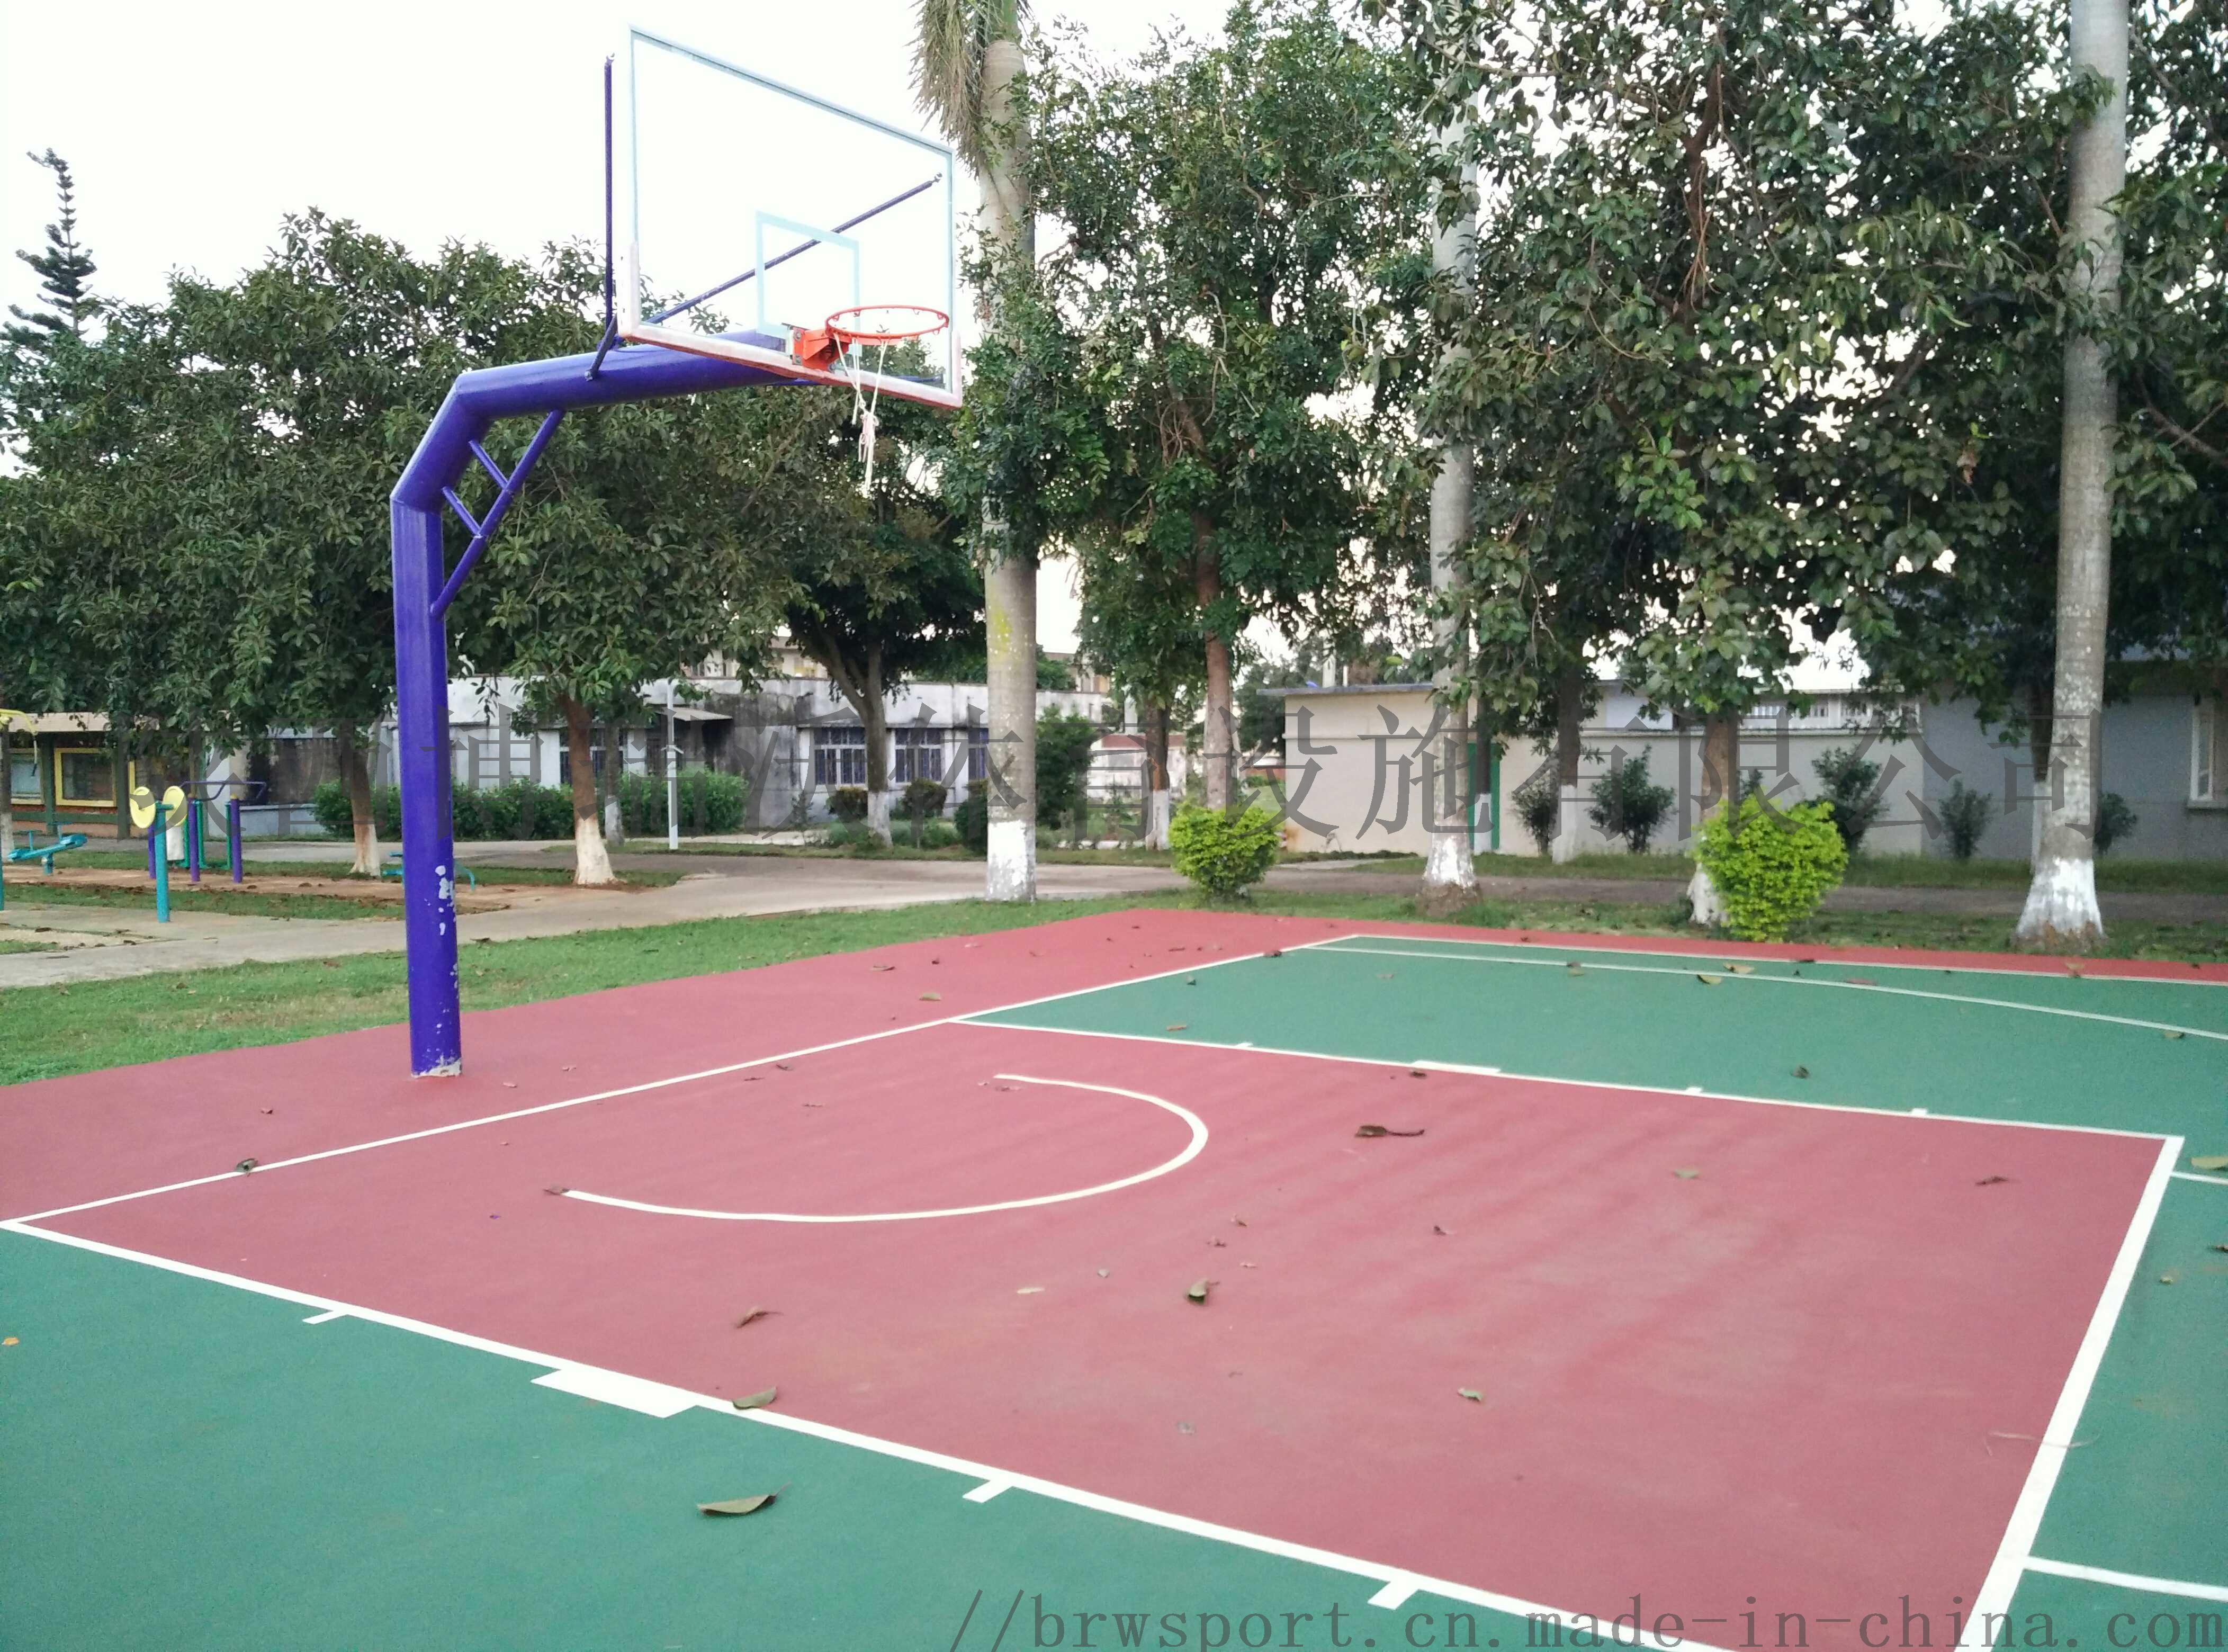 建造一个篮球场要多少钱/建造篮球场造价121982912